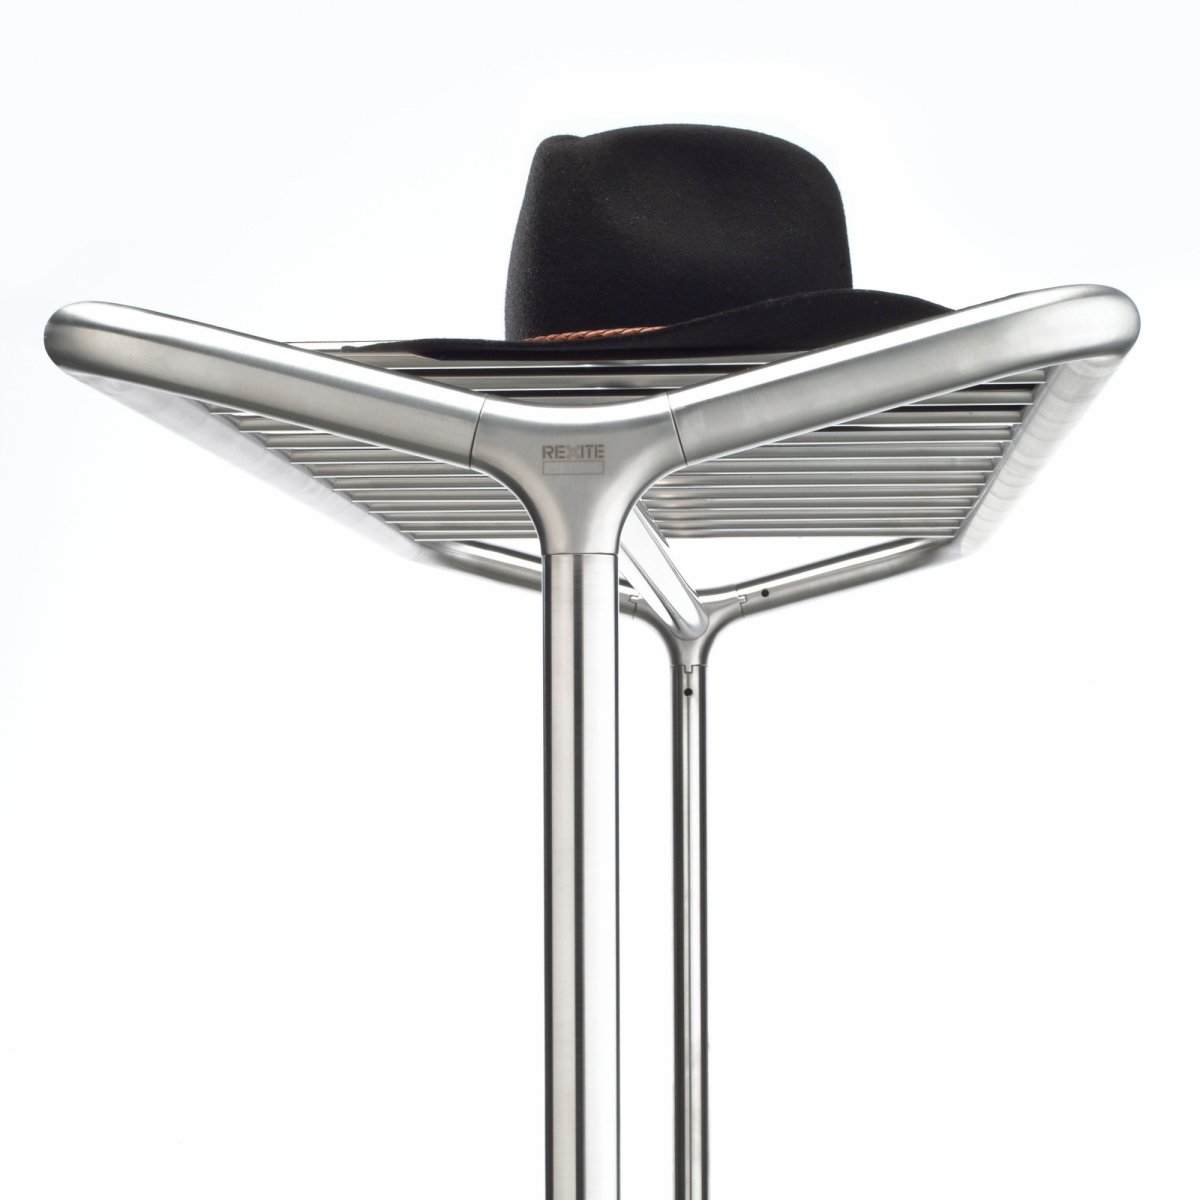 Rexite APPENDIABITI NOX VESTA con cappelliera e supporto borse